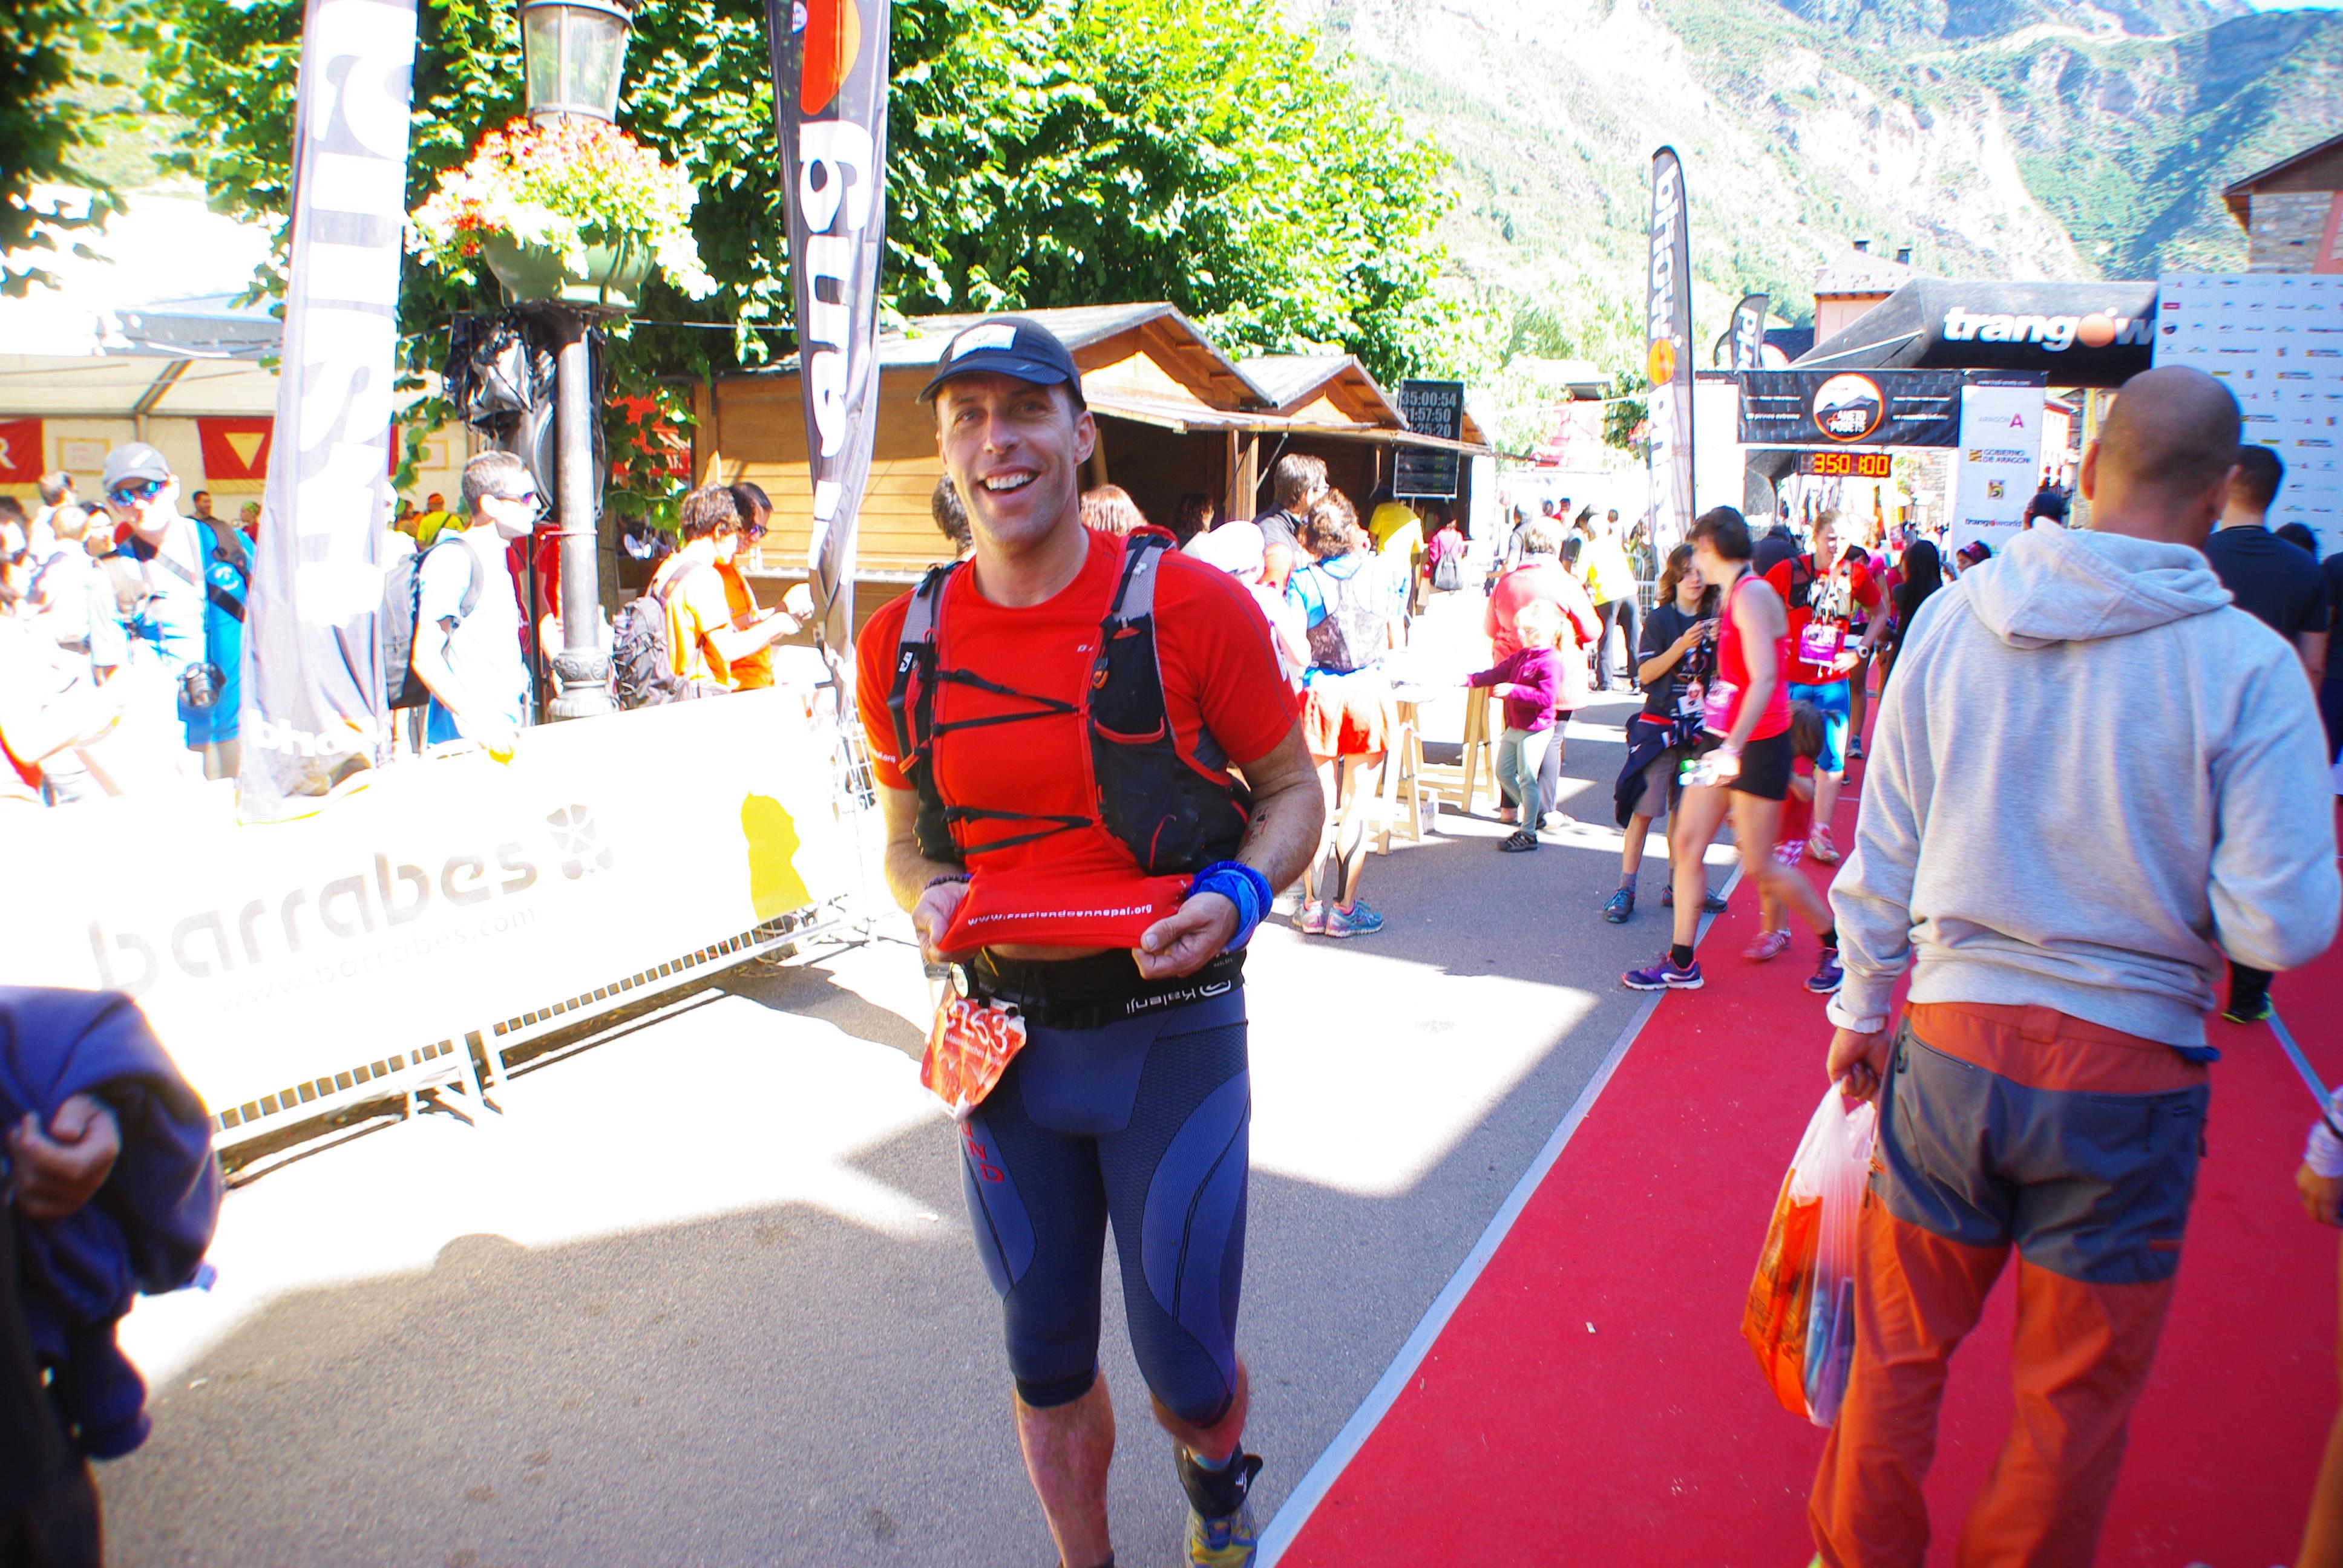 Así fue la carrera solidaria Gran Trail Aneto-Posets de Auro Sánchez